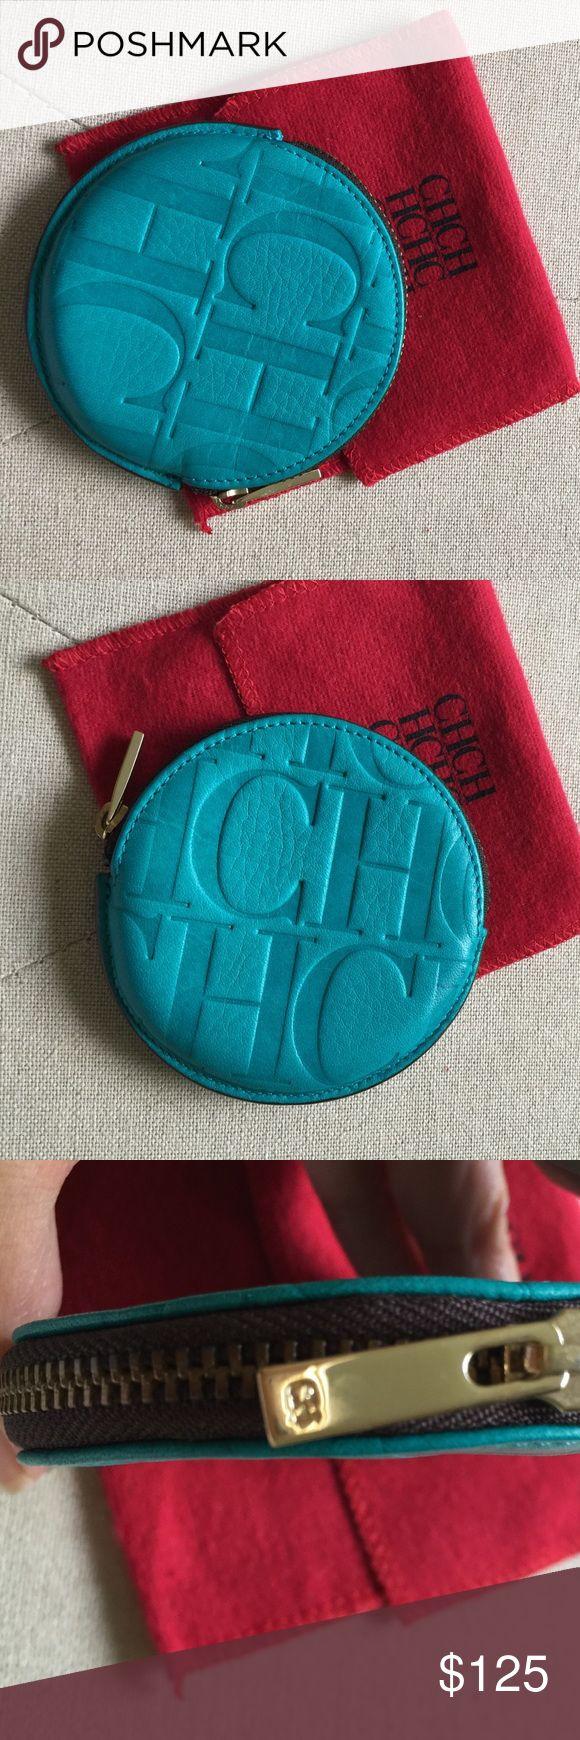 ‼️% Authentic Carolina Herrera Coin Purse‼️ Beautiful brand new Carolina Herrera Turquoise coin purse with tag. Carolina Herrera Bags Wallets